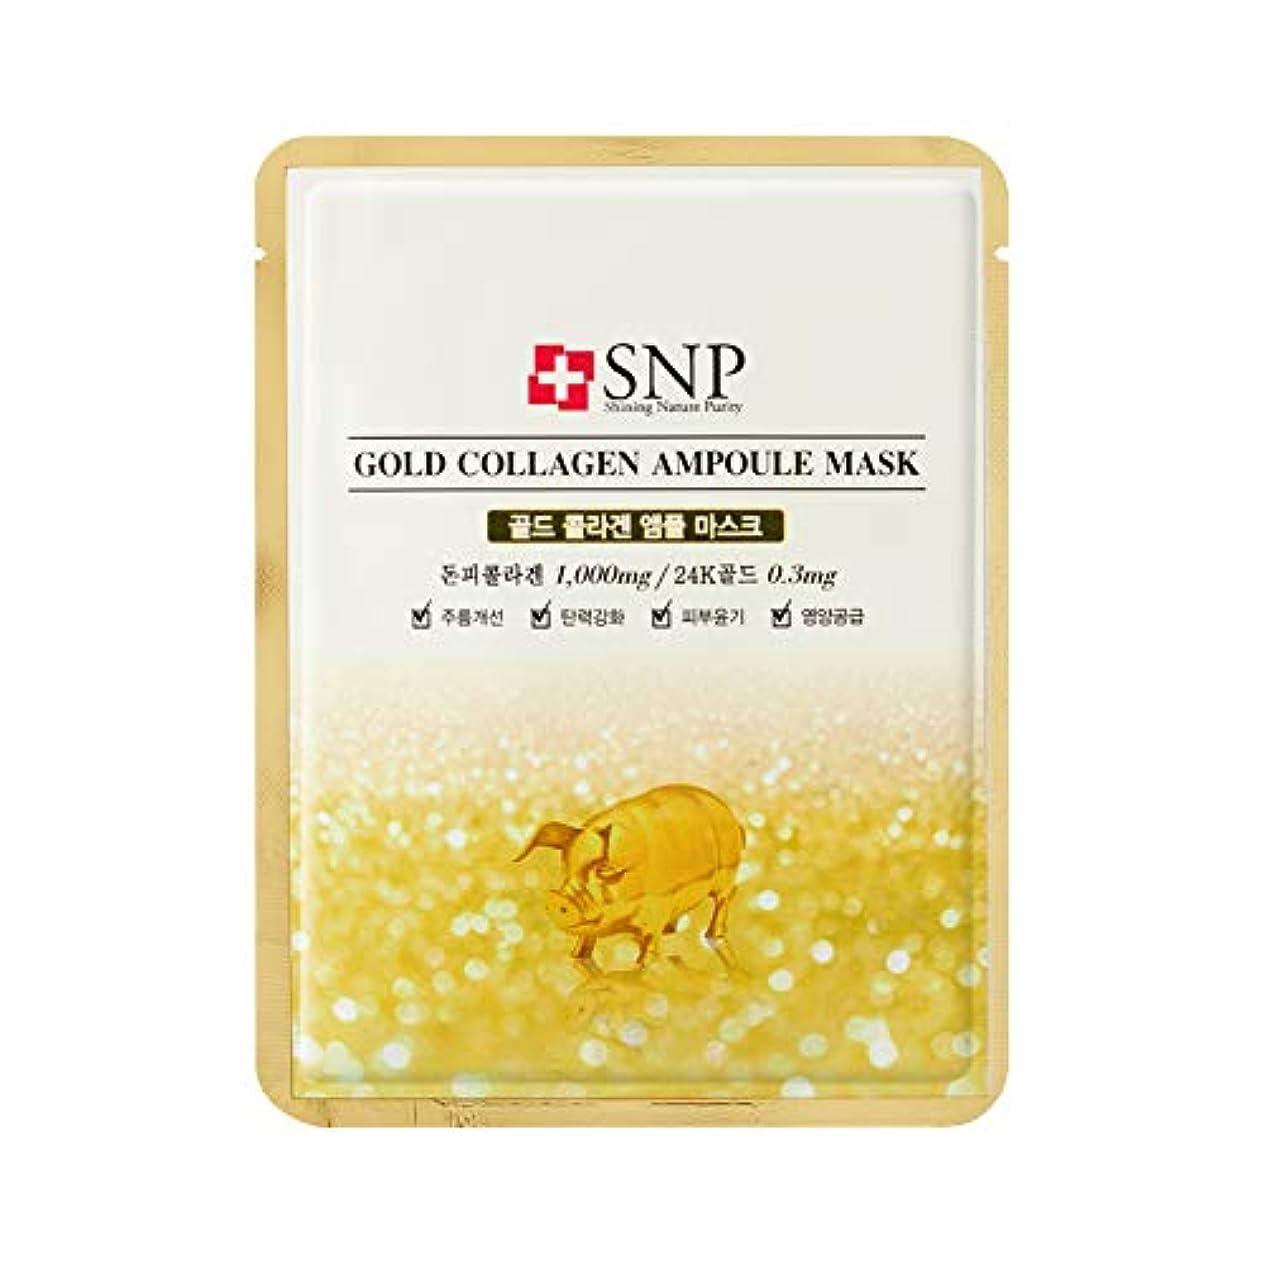 防水受け継ぐ北【SNP公式】ゴールドコラーゲンアンプルマスク10枚セット/Gold Collagen Ampoul Mask 25ml 韓国コスメ 韓国パック フェイスマスク マスクパック 保湿